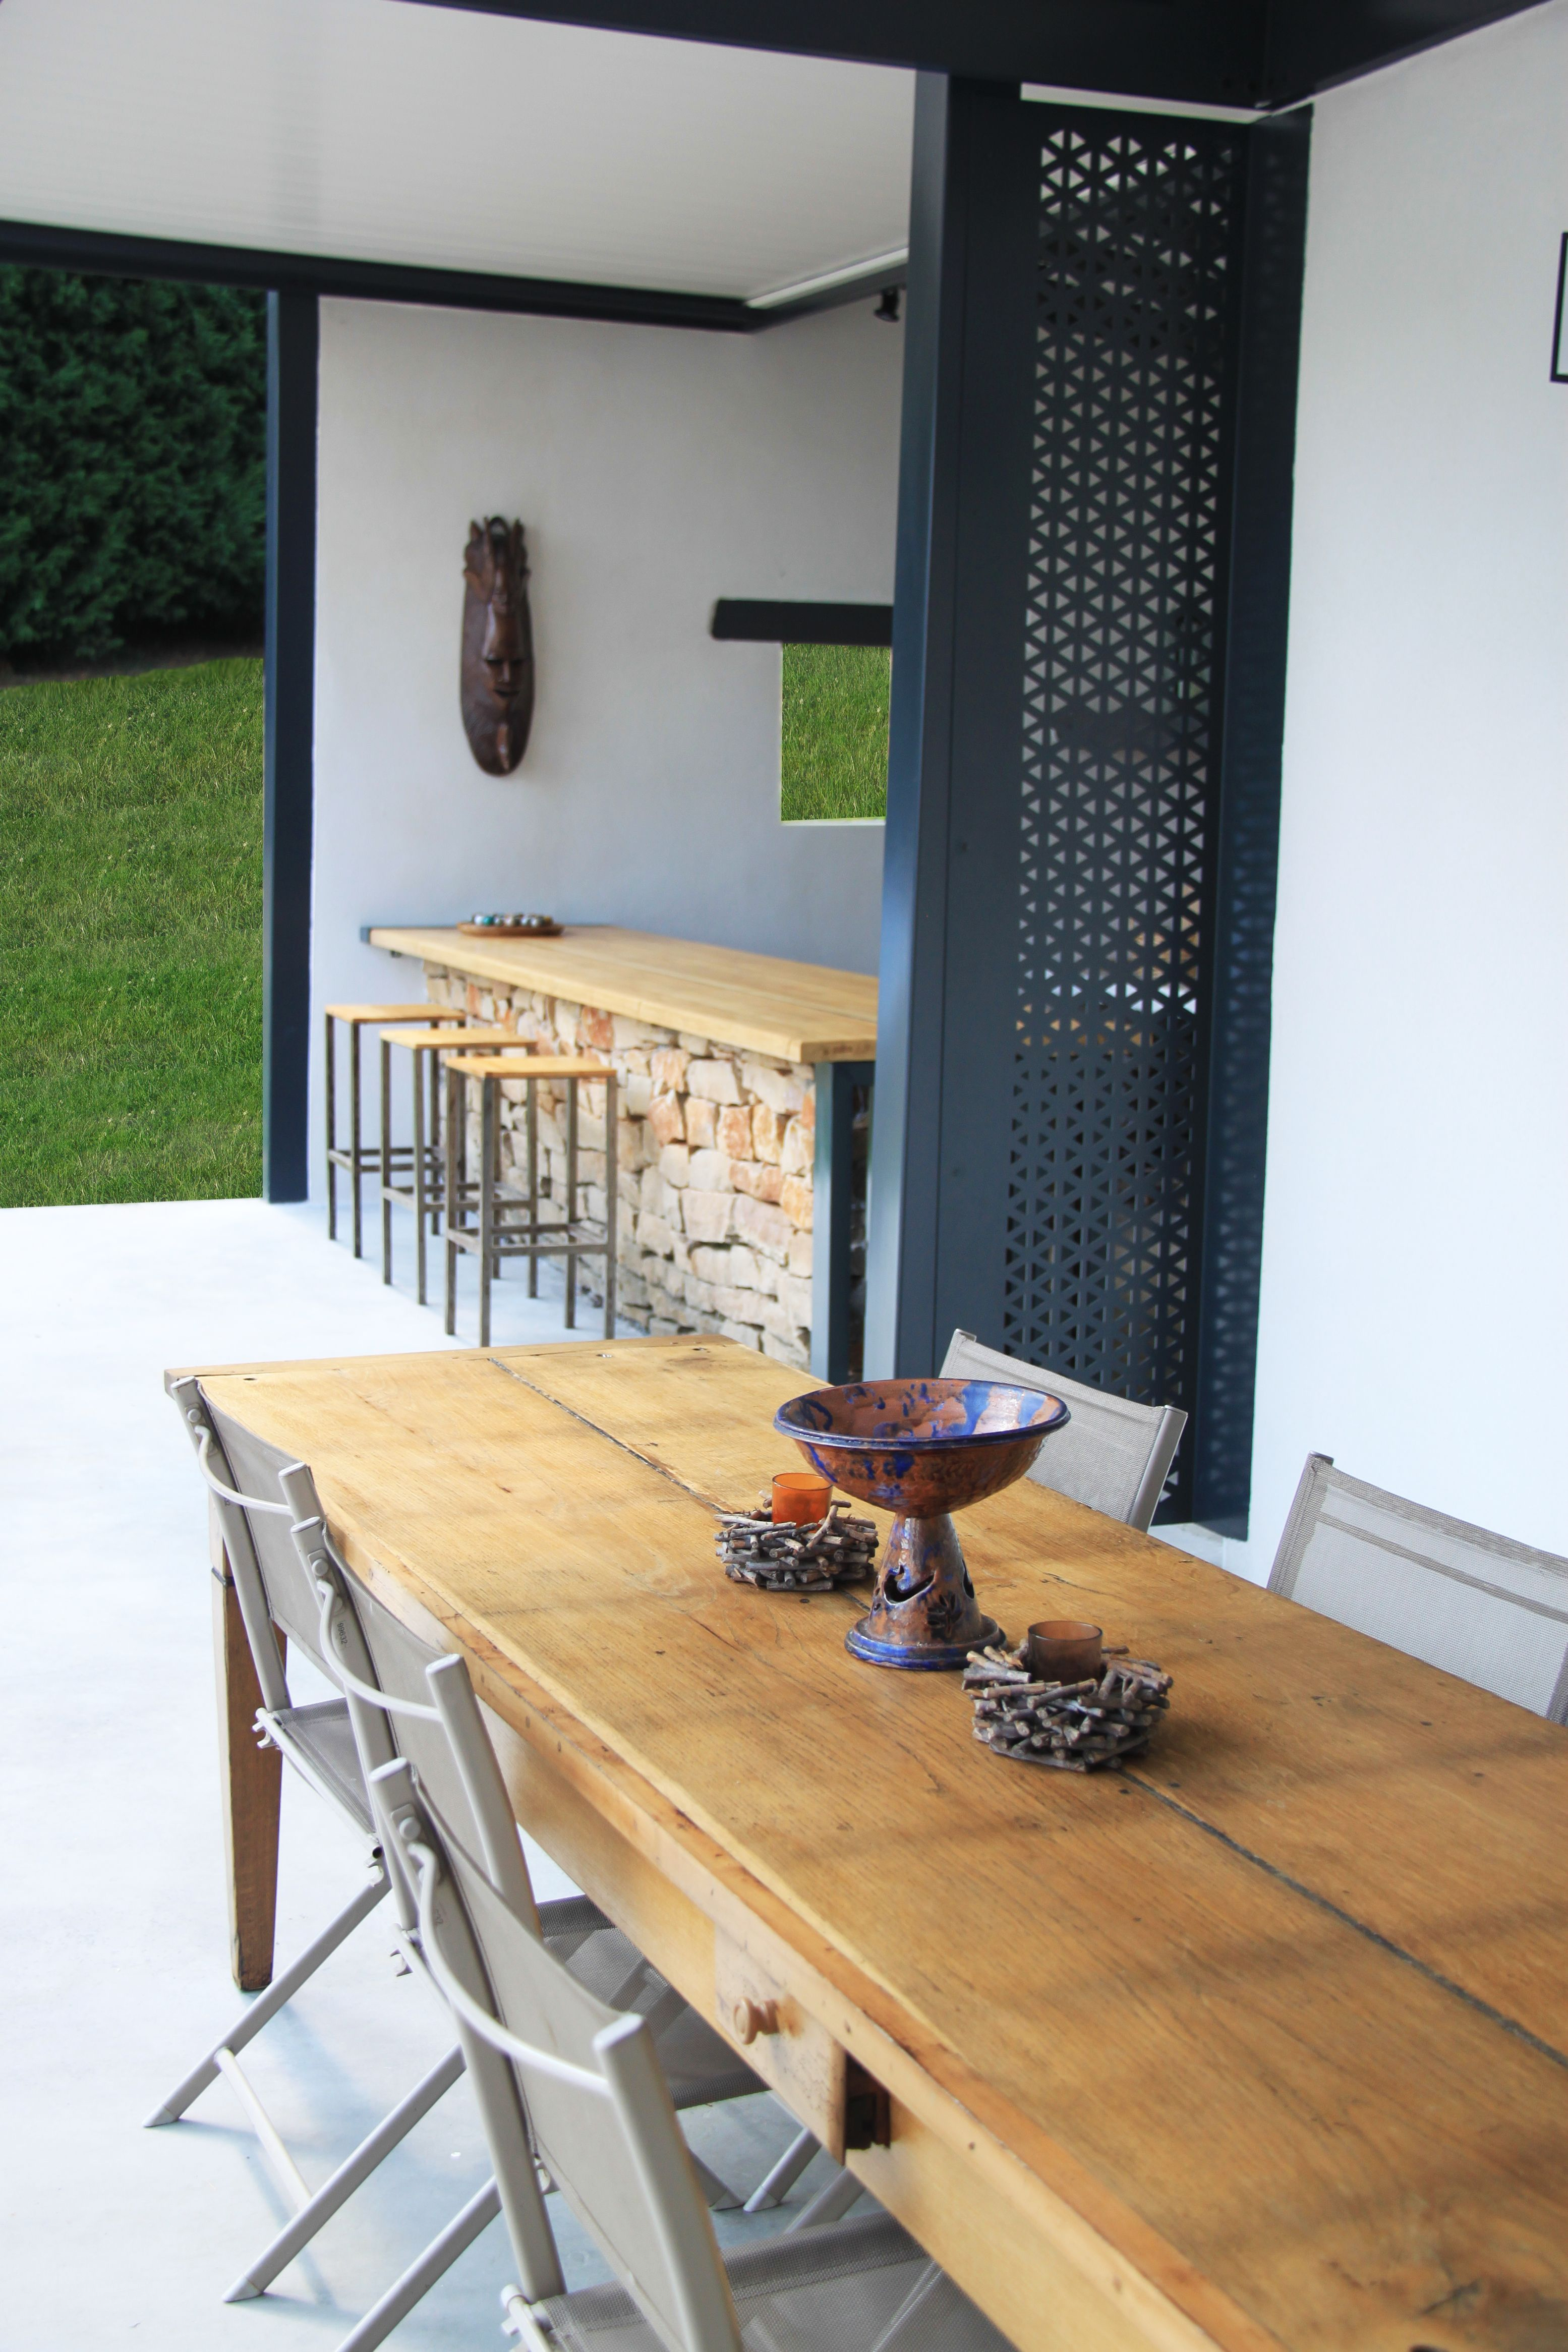 table en bois sur sol en b ton cir avec s paration gris. Black Bedroom Furniture Sets. Home Design Ideas